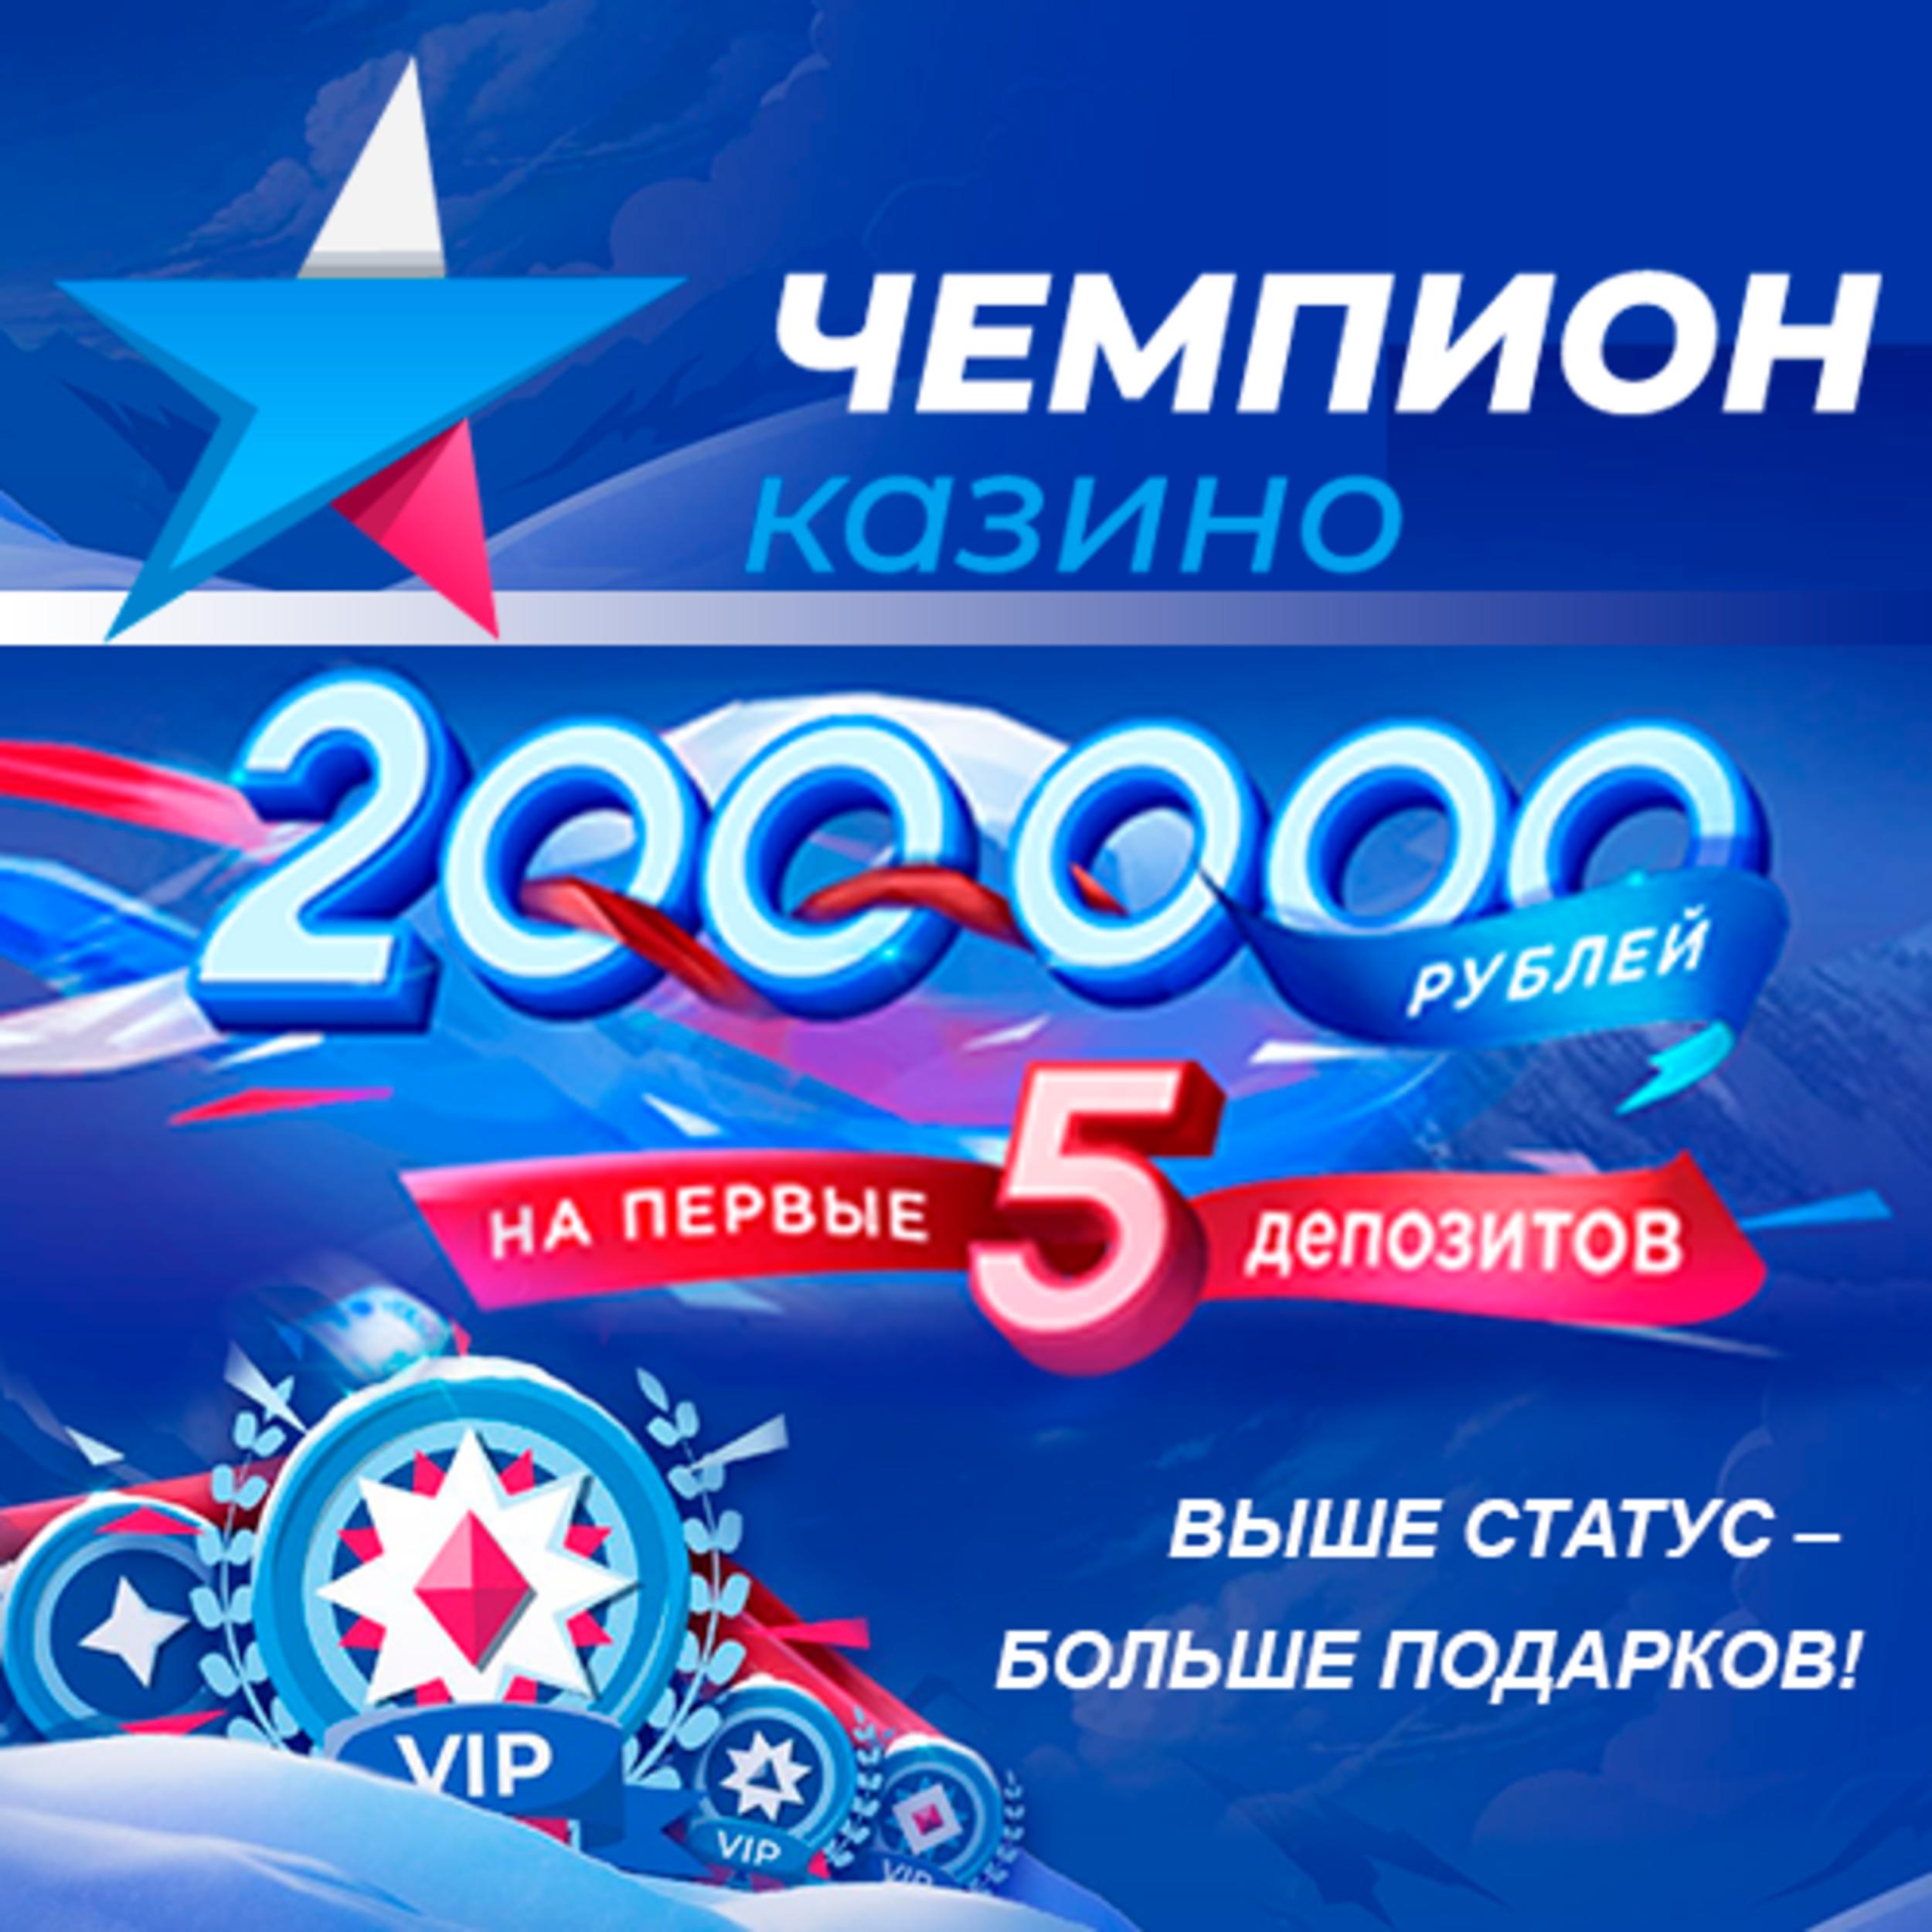 Бонус в руском казино бездепозитный демо i казино автоматы без регистрации